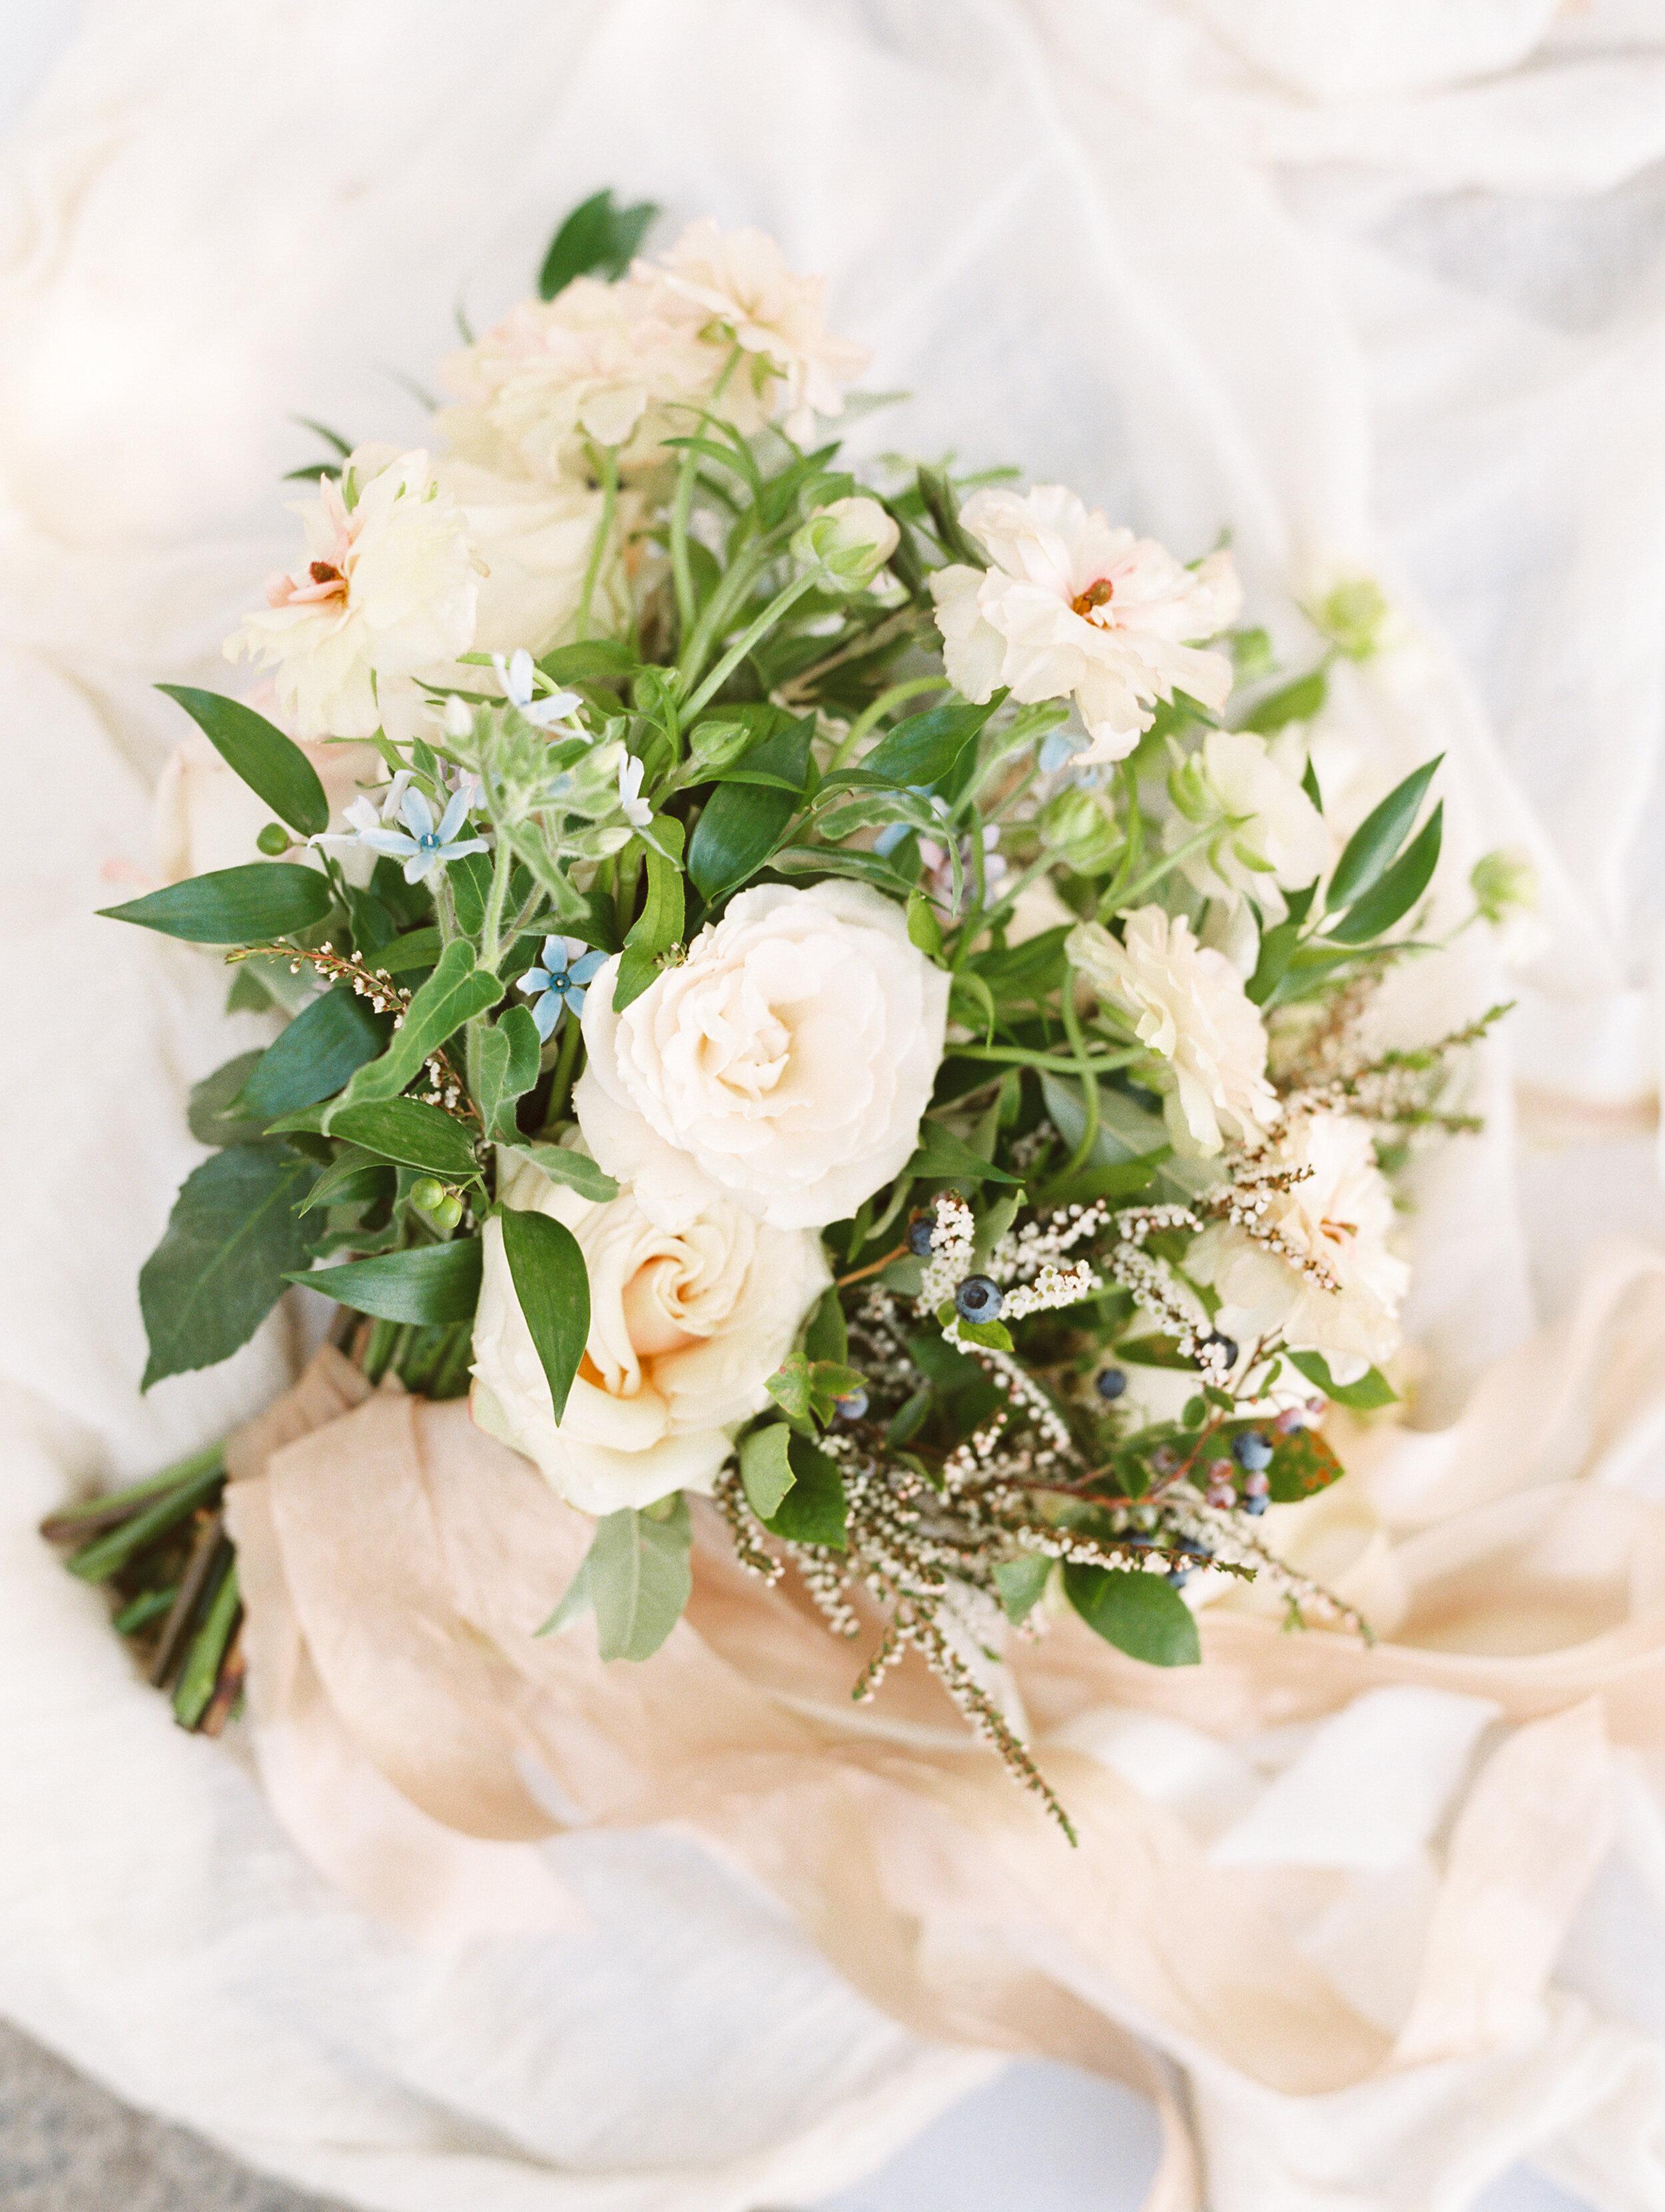 Steinlage+Wedding+Details-35.jpg